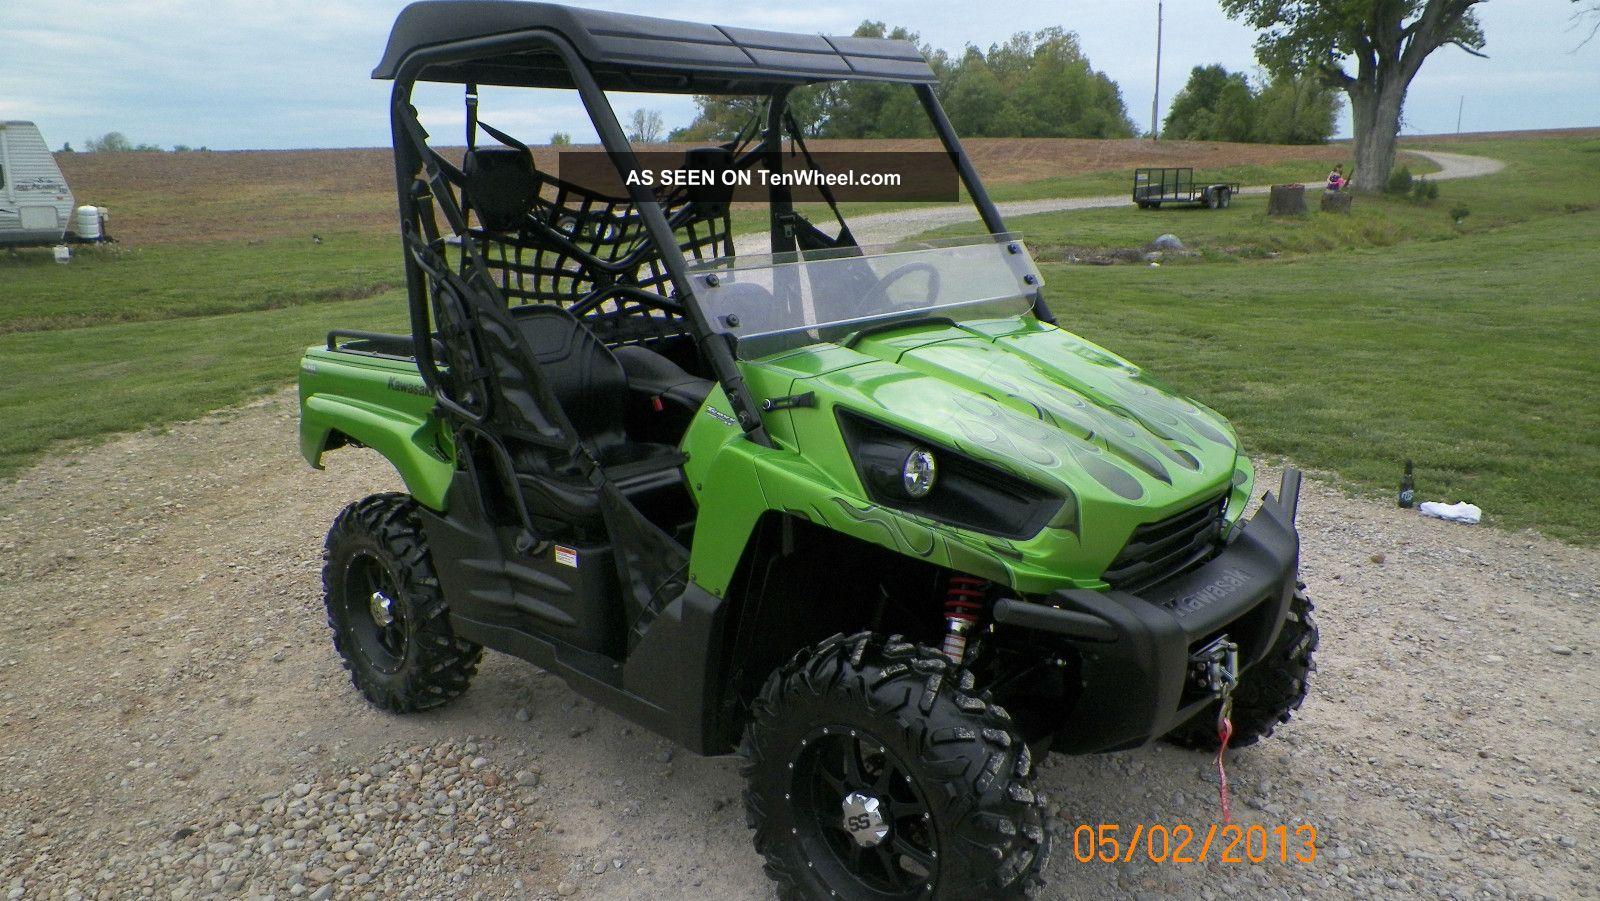 2012 Kawasaki Teryx